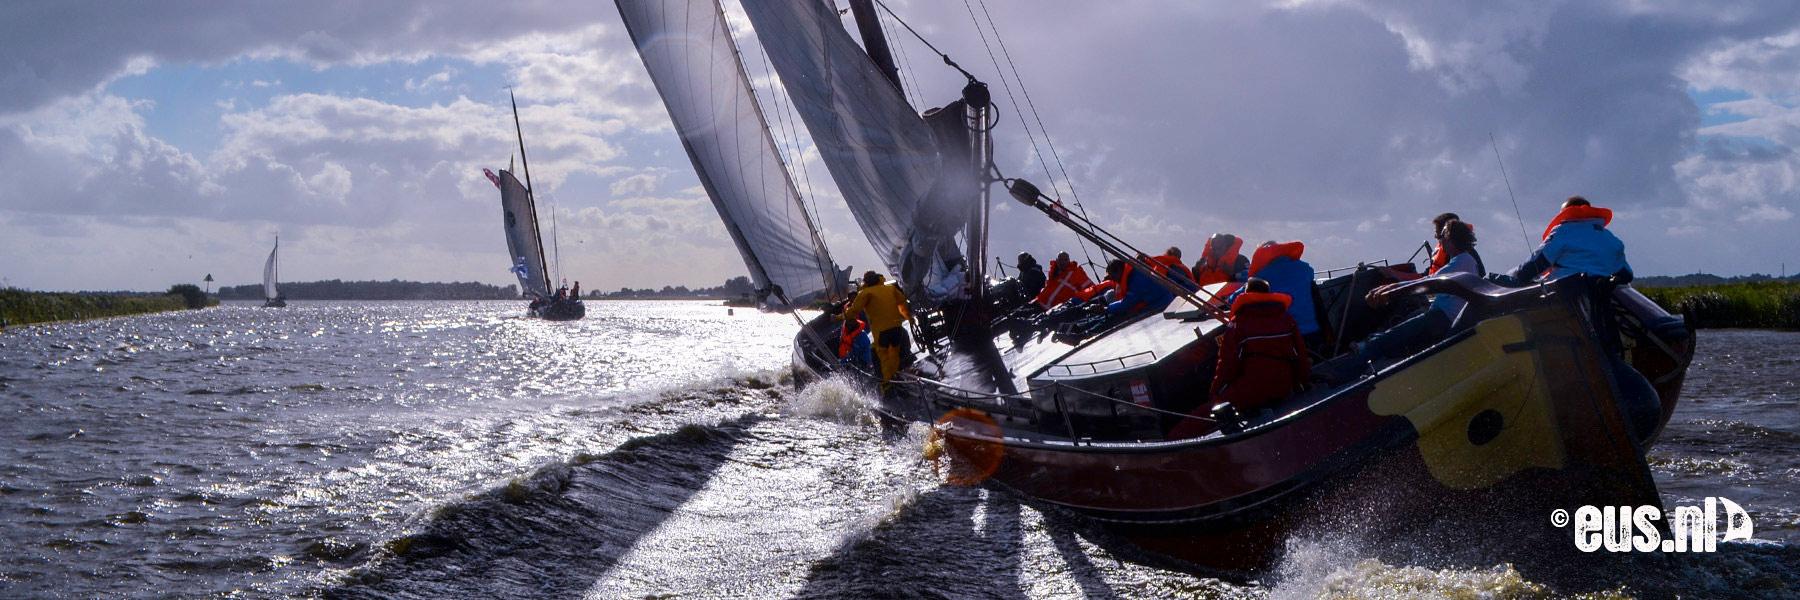 Skutsjesilen op de Friese Meren